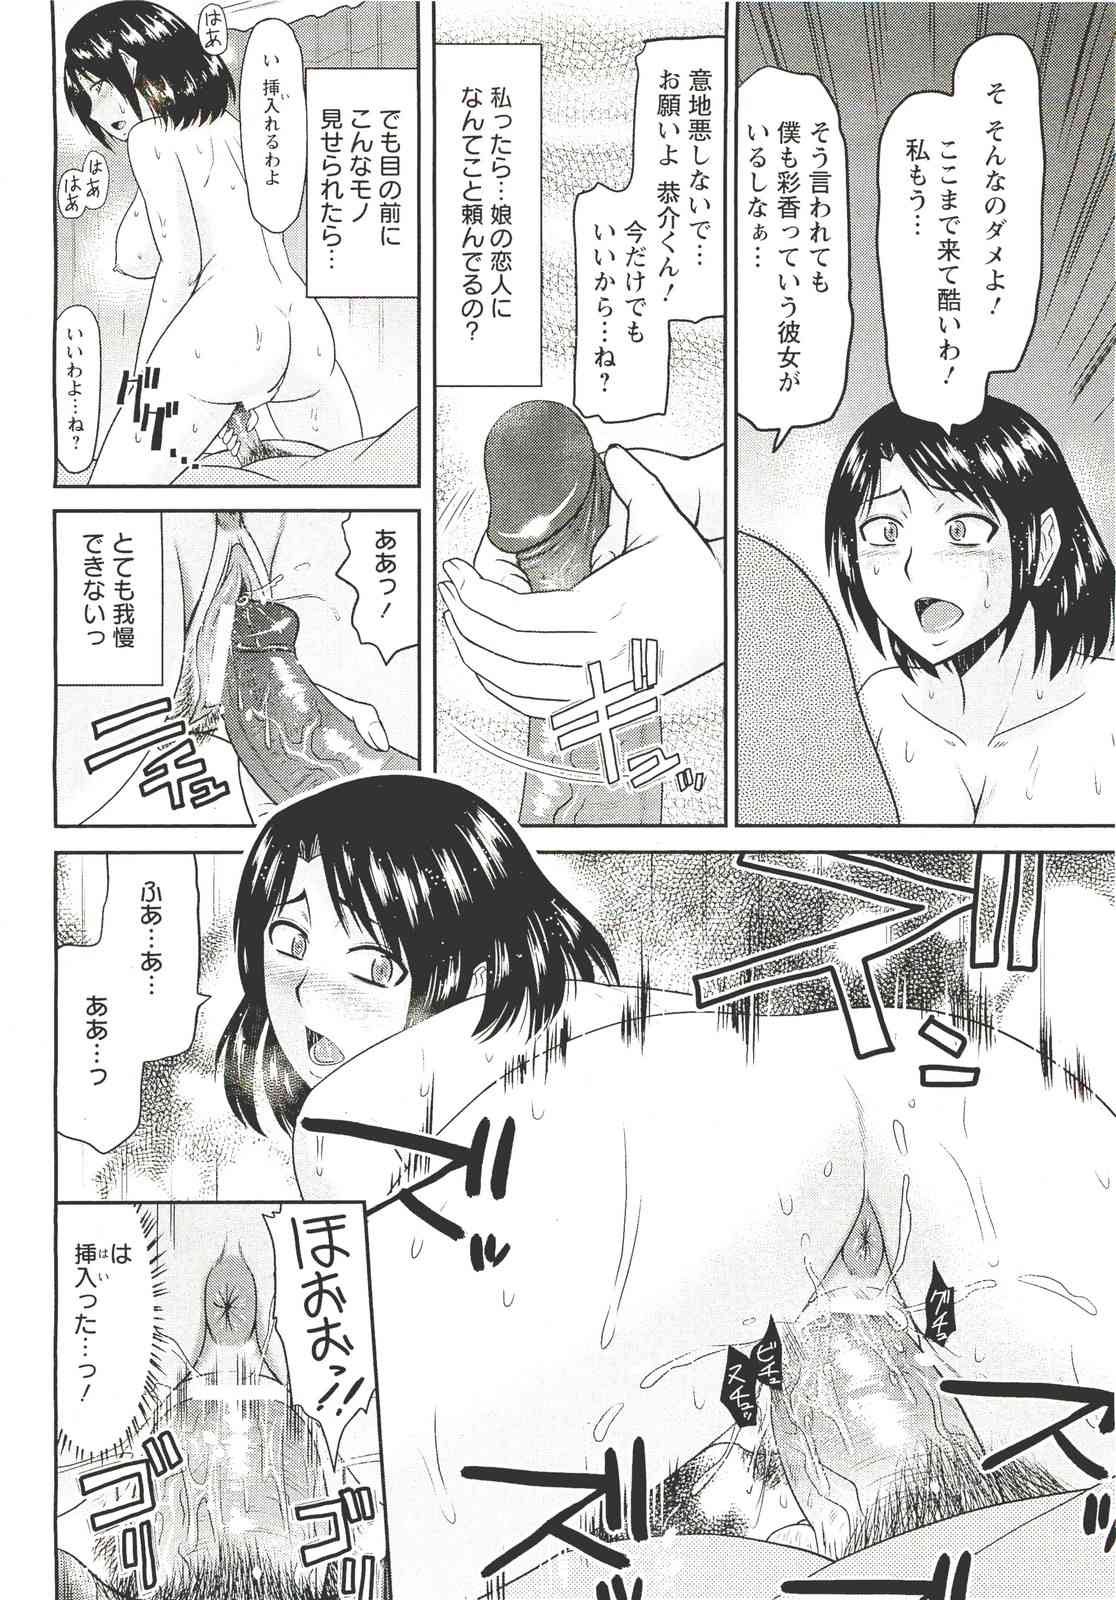 【エロ漫画】娘の彼氏のチ○ポに大ハマりしてしまった寝取られママwww【畠山桃哉:ソレが欲しい】